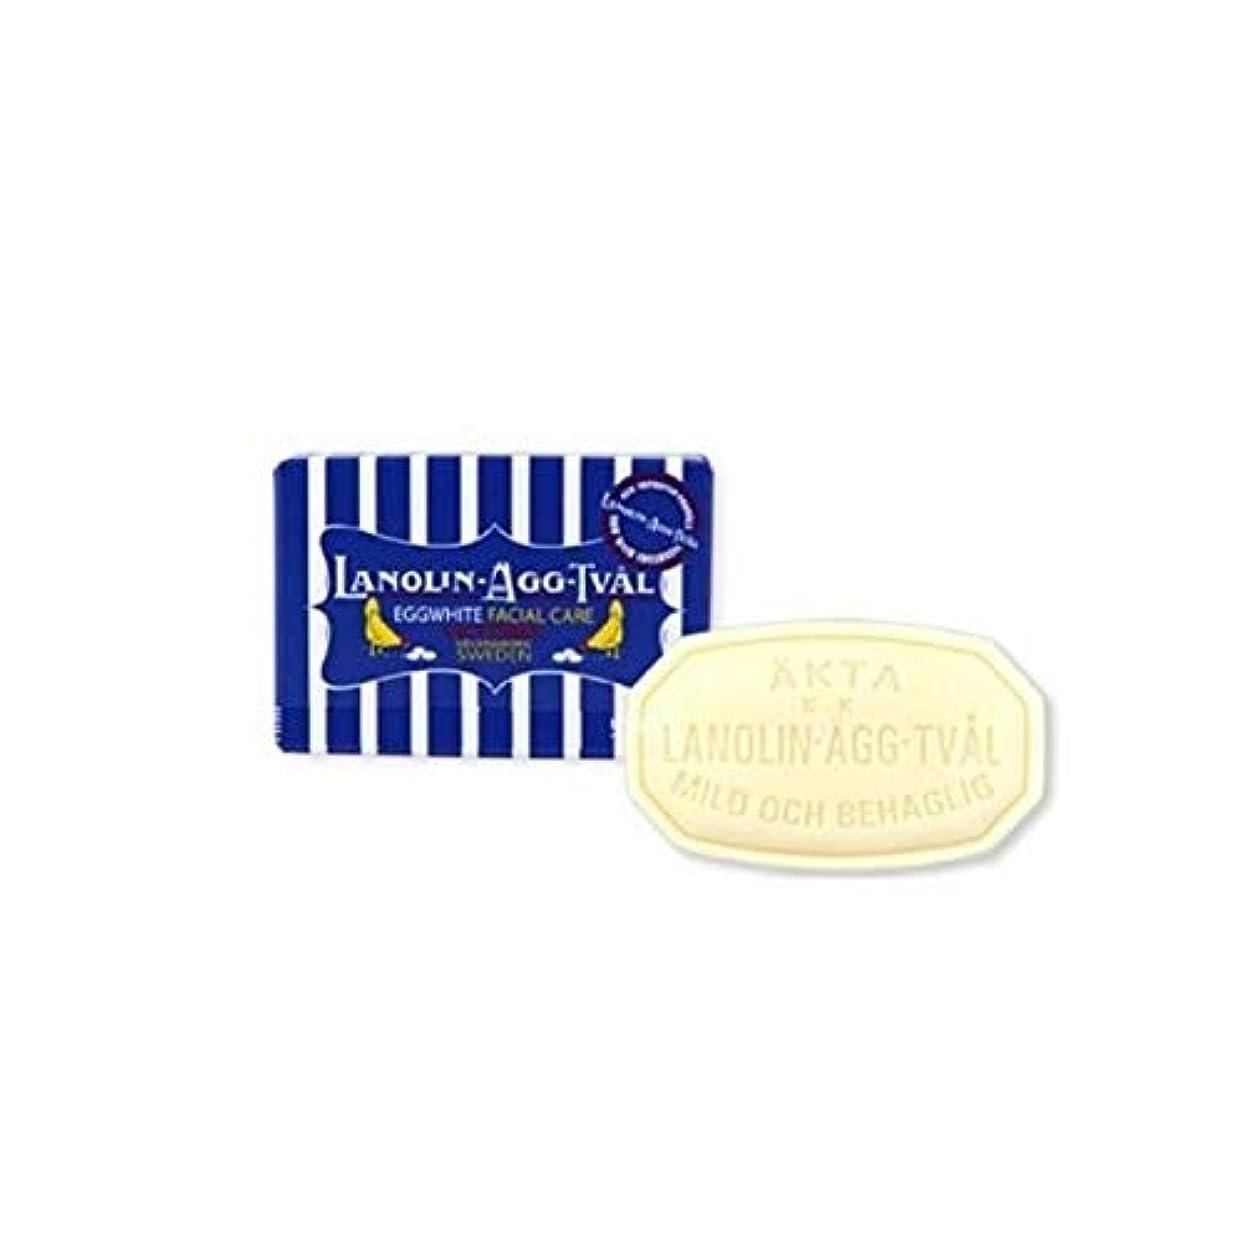 ヘッドレス調査投獄ヴィクトリア(Victoria) スウェーデン エッグ ホワイトソープ 50g×6個セット エッグパック [並行輸入品]